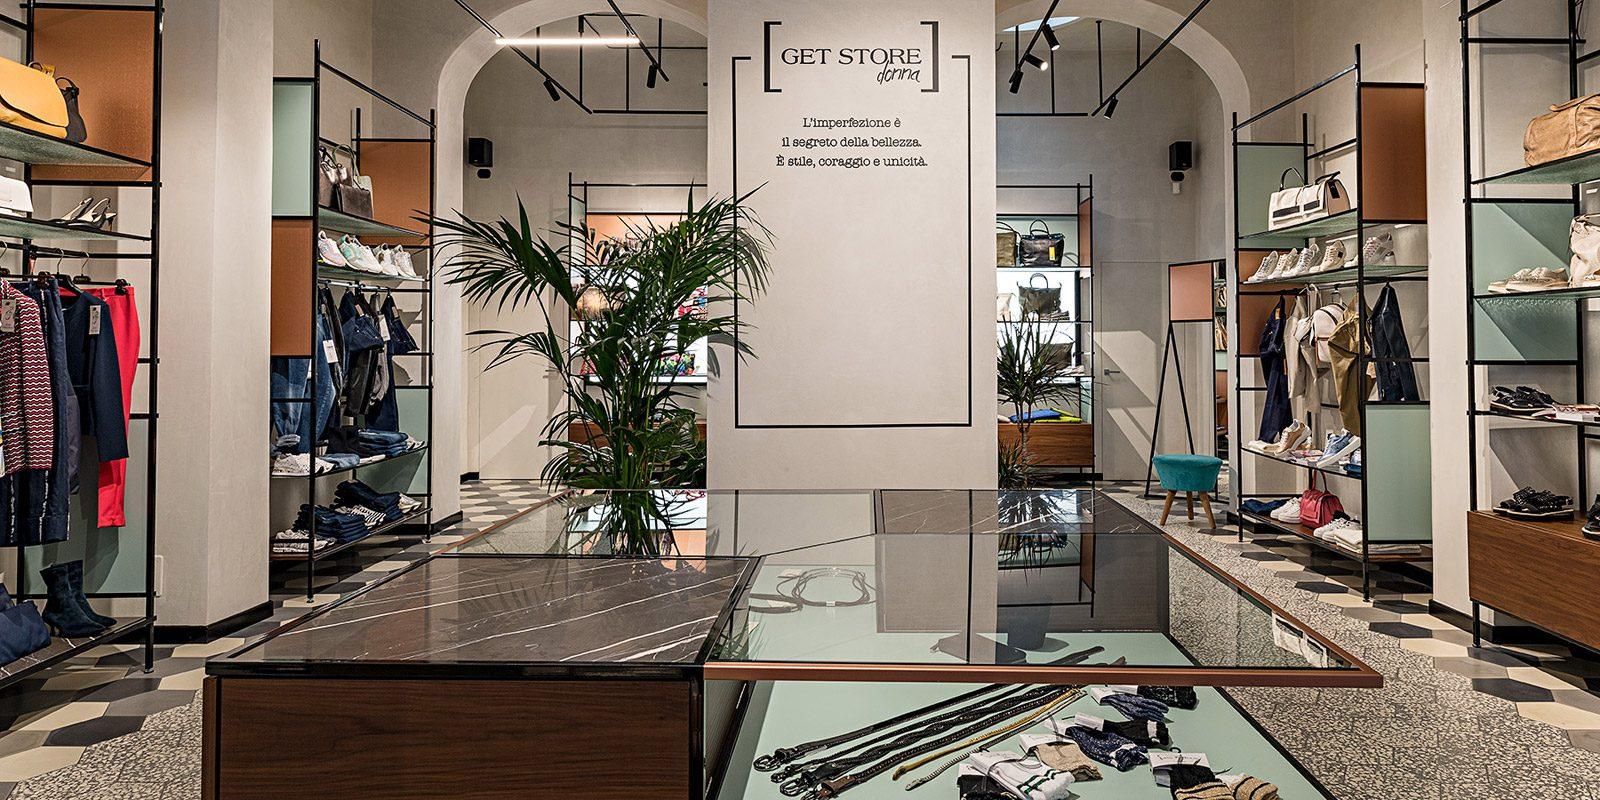 GET STORE DONNA de Fossano (département de Cuneo) inaugure son nouvel espace